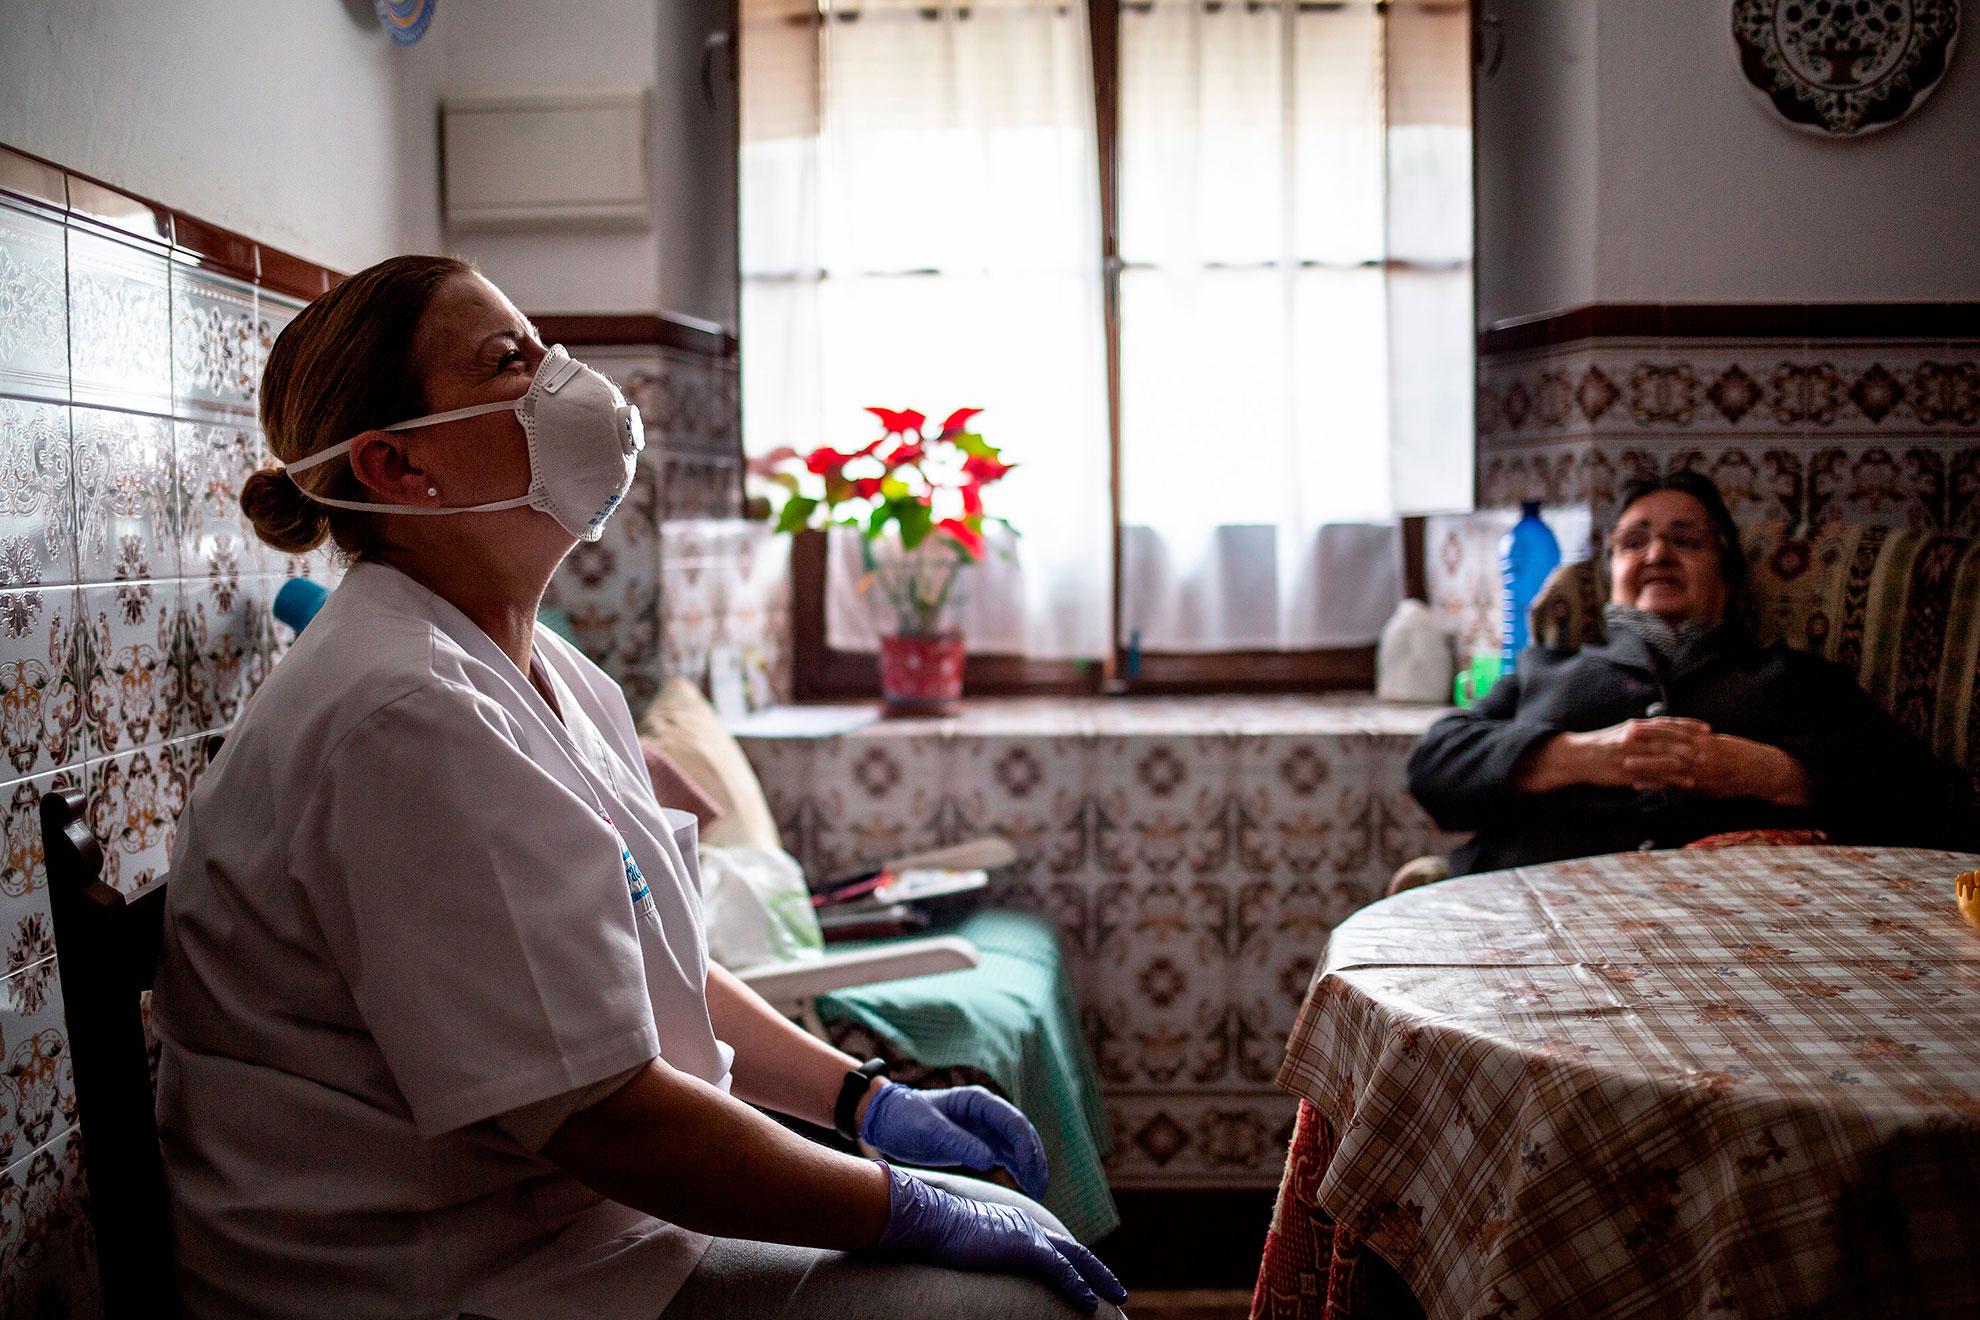 """Mari Carmen trabaja en el servicio de ayuda a domicilio del Ayuntamiento de Aracena (Huelva). Desde que empezó la pandemia del COVID19, sus once usuarios no han pisado la calle. Su llegada a la casas de ancianos a los que atiende, supone para muchos, el mejor momento del día, más allá, la única conversación del día. Lo de menos es que ayude a los mayores en sus tareas domésticas o de aseo personal. Lo de más, ese rato de chascarrillos, de risas, de recuerdos, de compañía al fin y al cabo. Hoy visita a la alegre Luisa, de 75 años. Le ayuda en las tareas de aseo, le trae las medicinas de la farmacia, la compra, deja el suelo brillante... y sobre todo rien juntas a carcajadas. Luisa intenta dar conversación a Mari Carmen para estirar su visita un poco mas: """"¿Quieres un zumito? dice. Pero Maruja de 80 años, ya espera impaciente la llegada de este ángel que viste de blanco."""